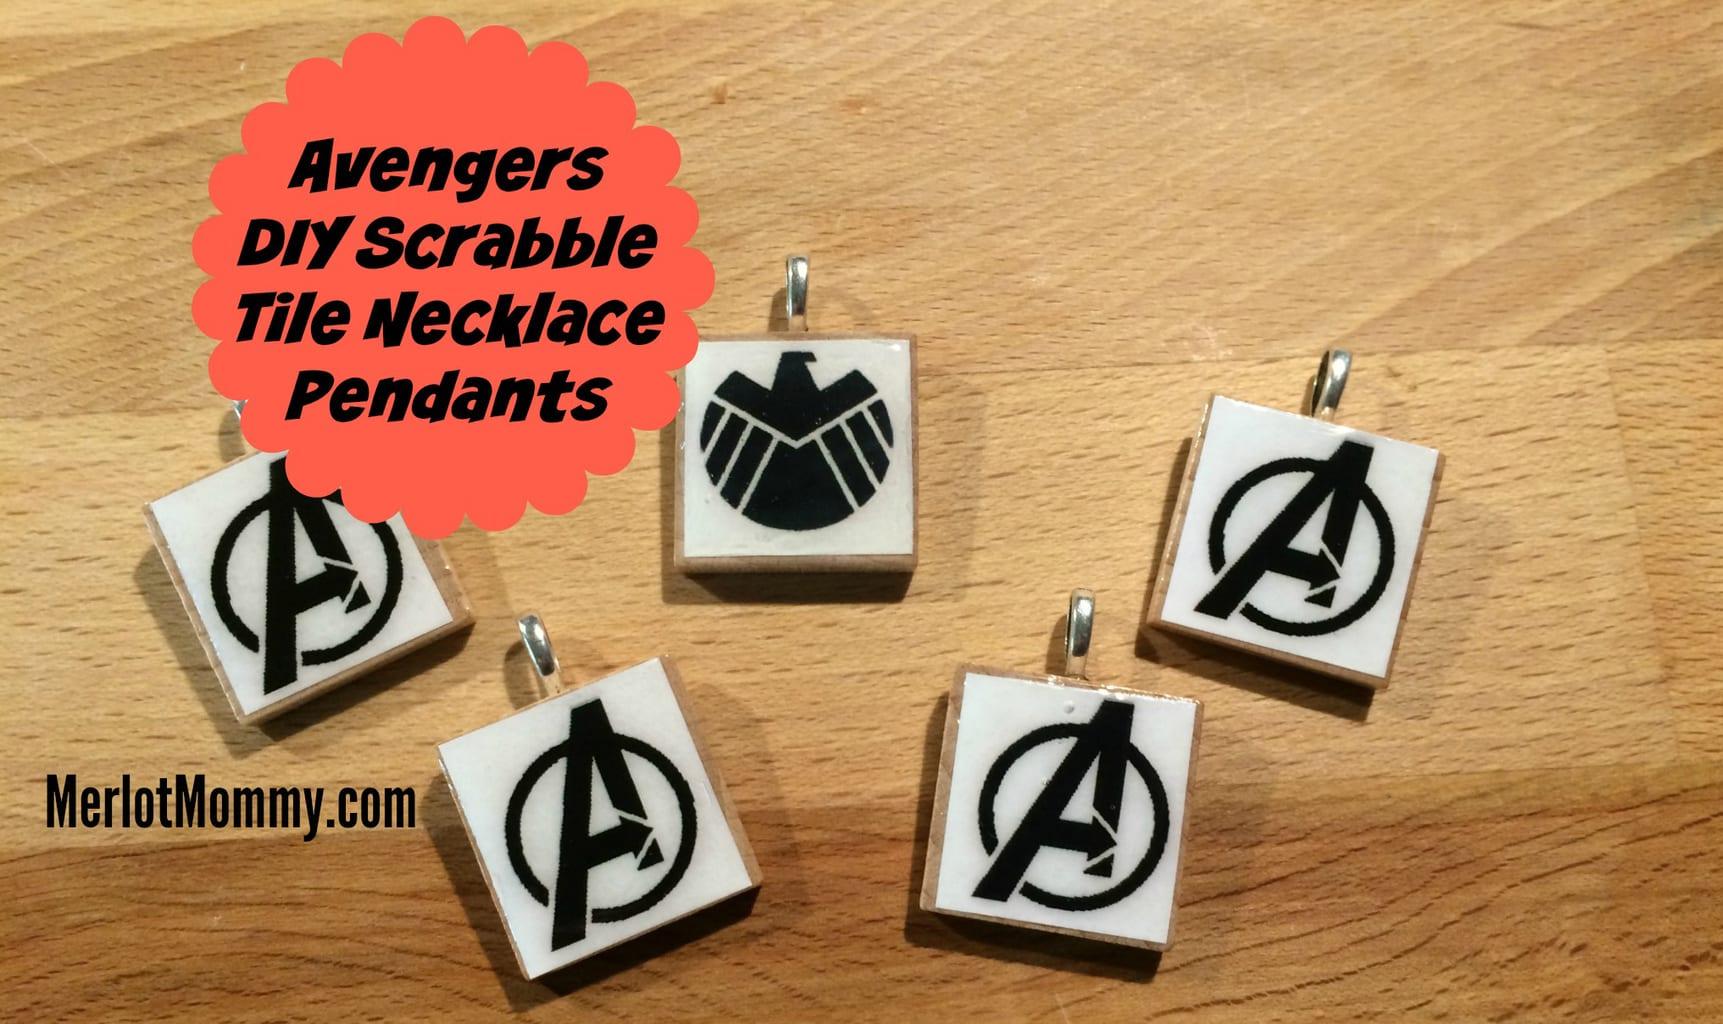 Diy scrabble tile necklace pendants avengersevent agentsofshield diy scrabble tile necklace pendants avengersevent agentsofshield abctvevent aloadofball Choice Image